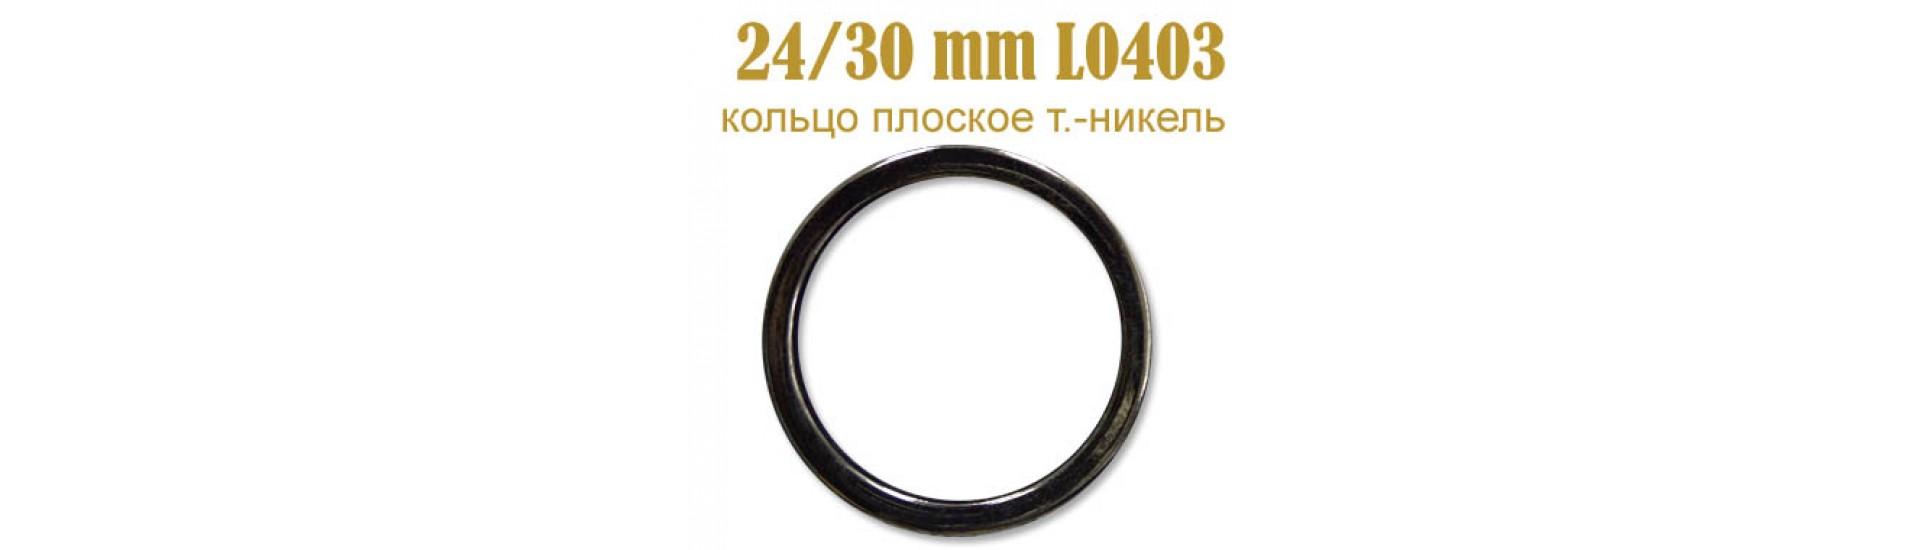 Кольцо плоское L0403 темный никель 24/30 мм